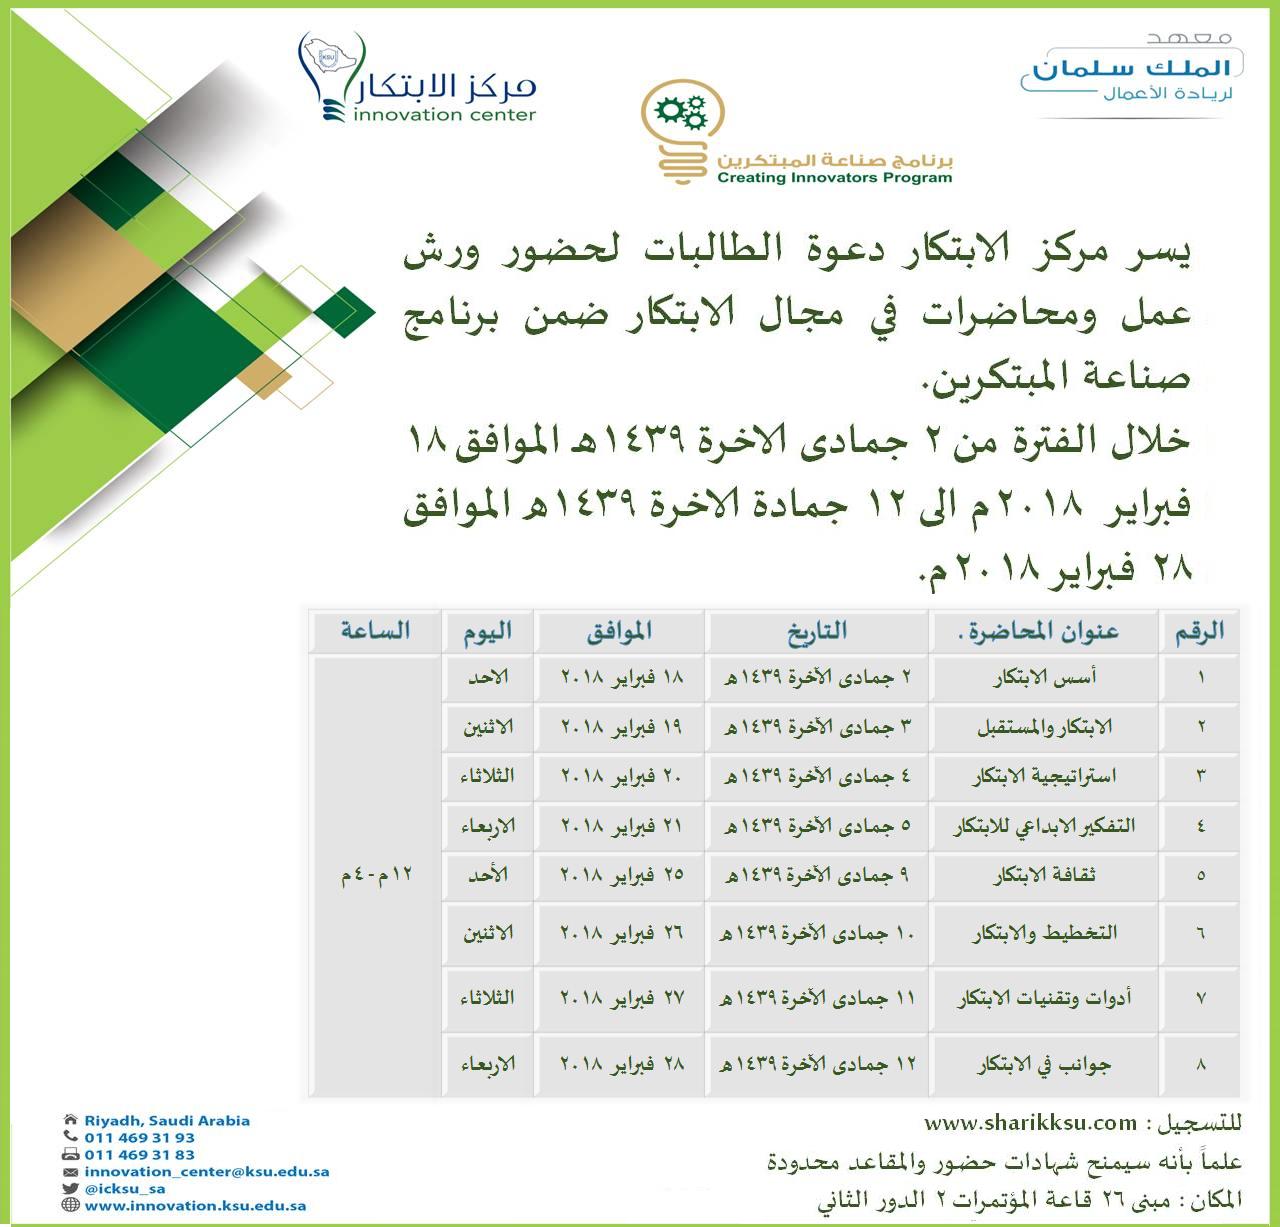 دعوة للتسجيل في ورش عمل ومحاضرات برنامج صناعة المبتكرين طالبات